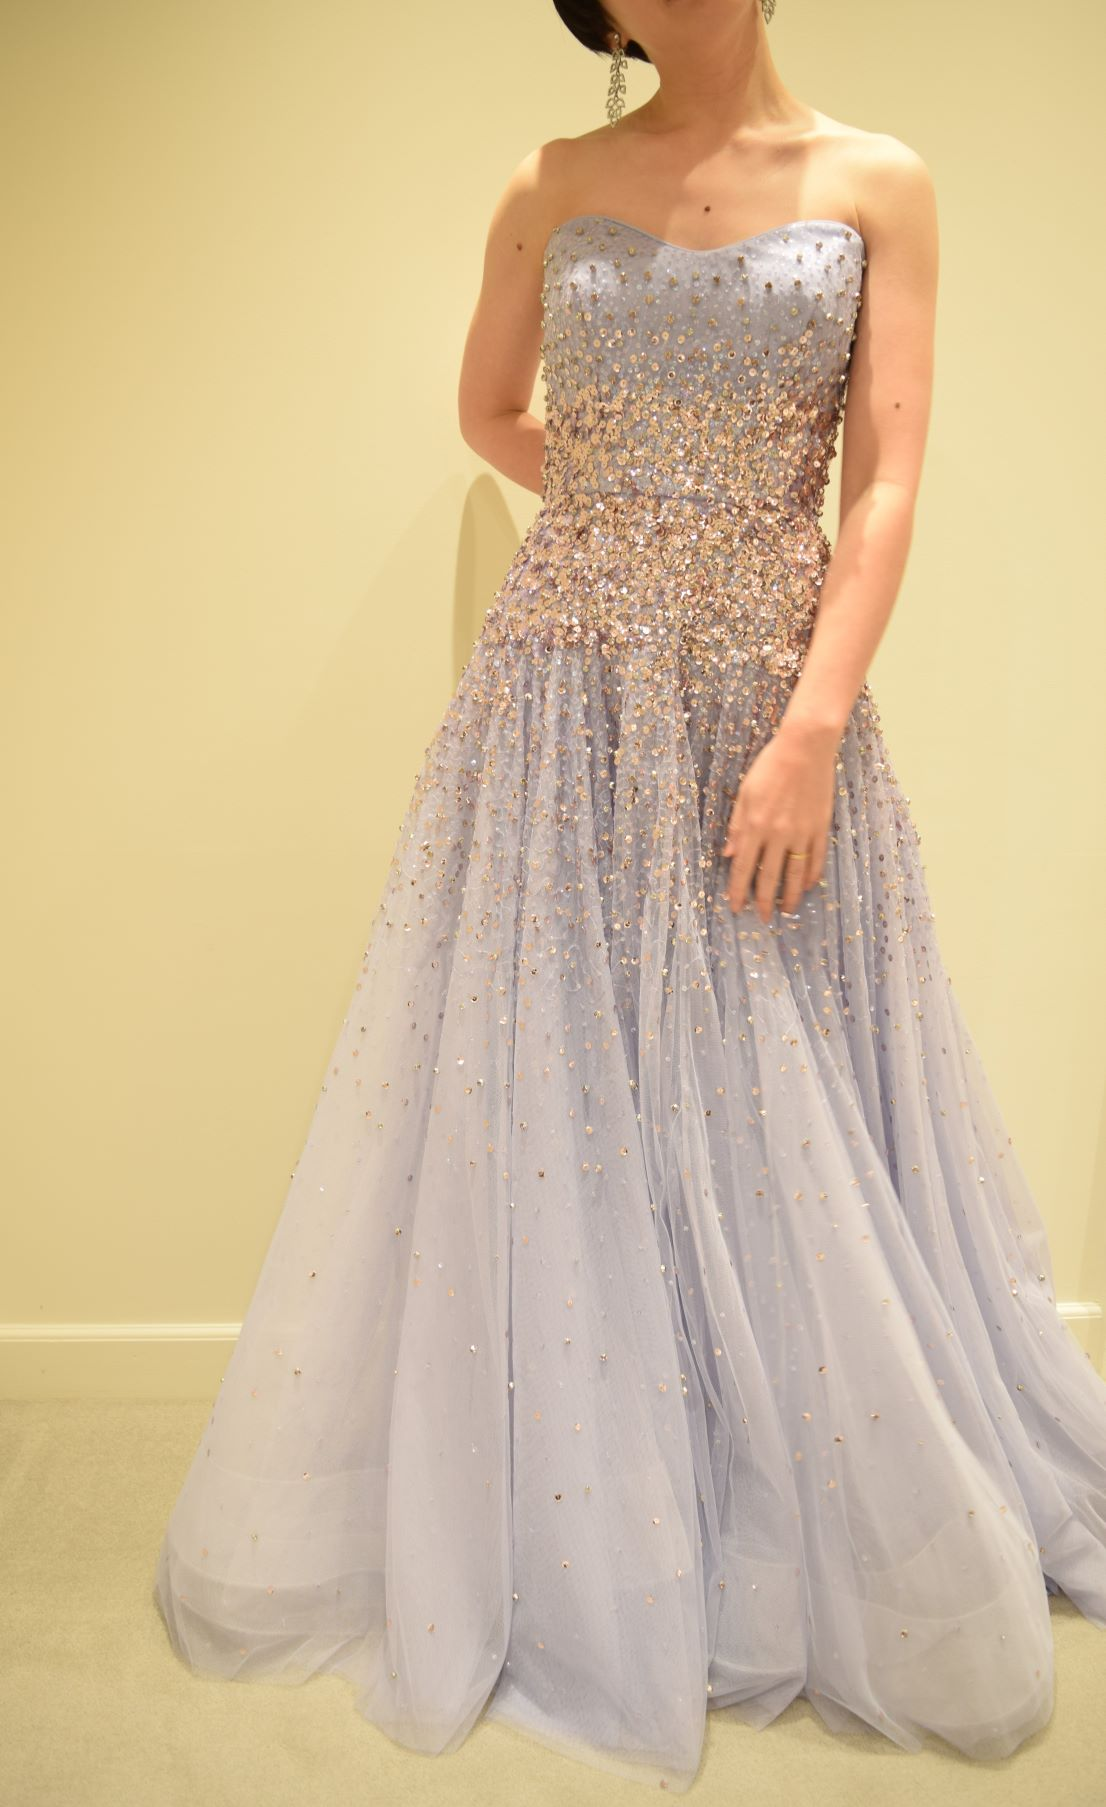 お洒落な花嫁様に提案したいドレスは、スパンコールやビジューが施されキラキラと煌めく、ナイトウエディングにもぴったりな優美な印象です